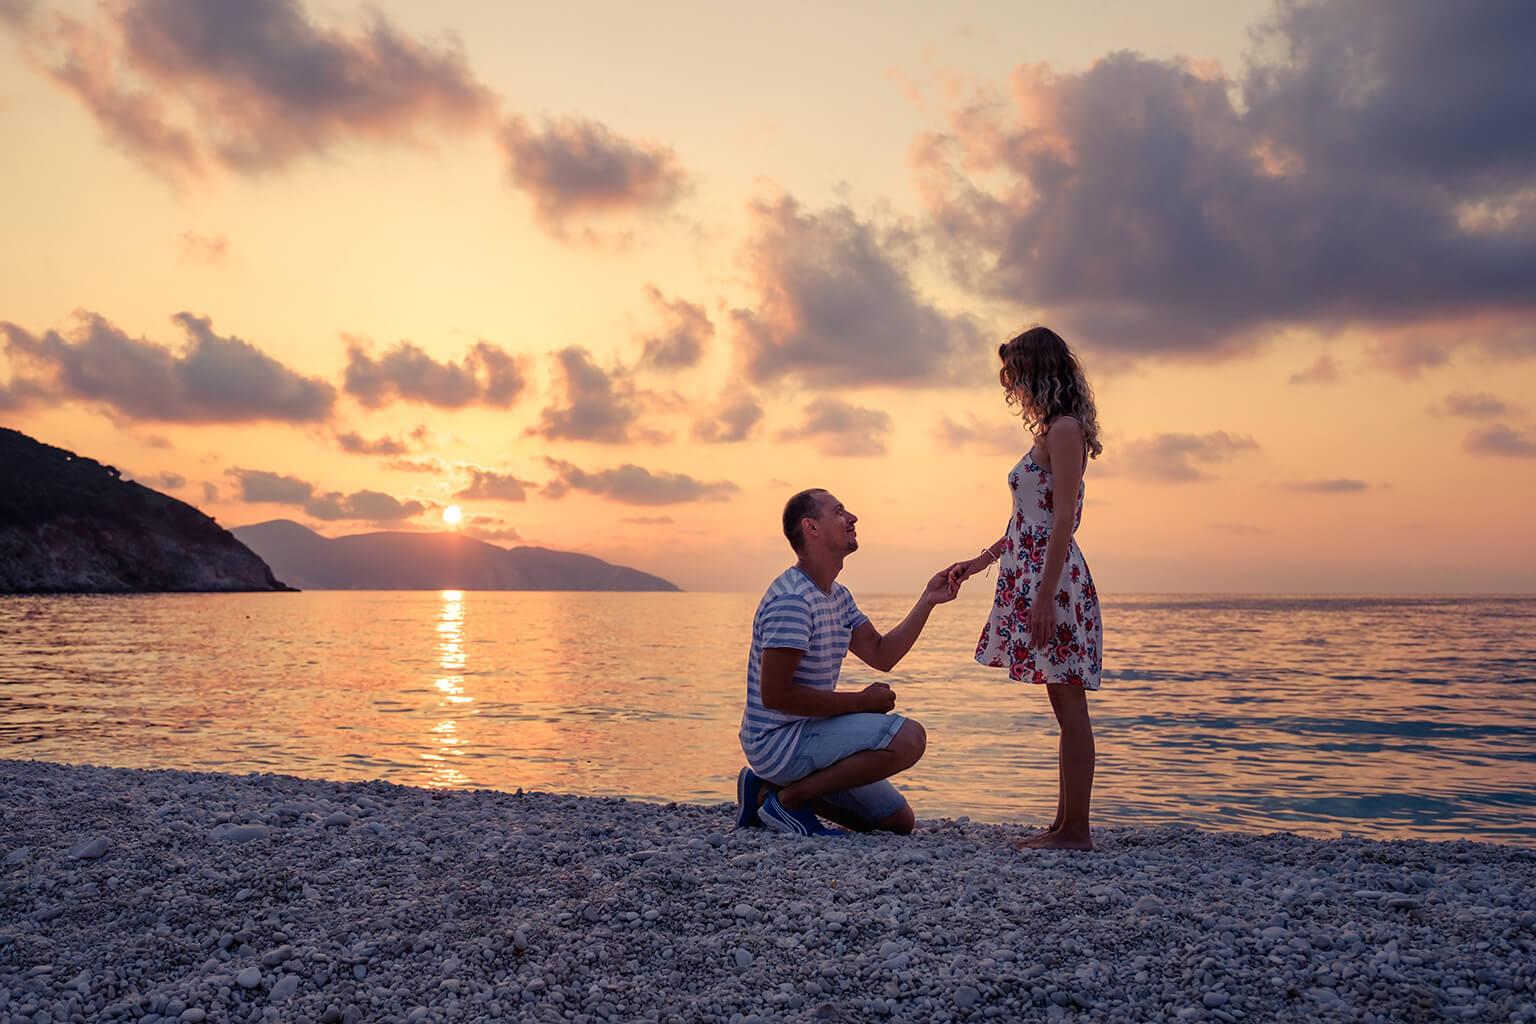 proposición de matrimonio en la playa, justo al atardecer.